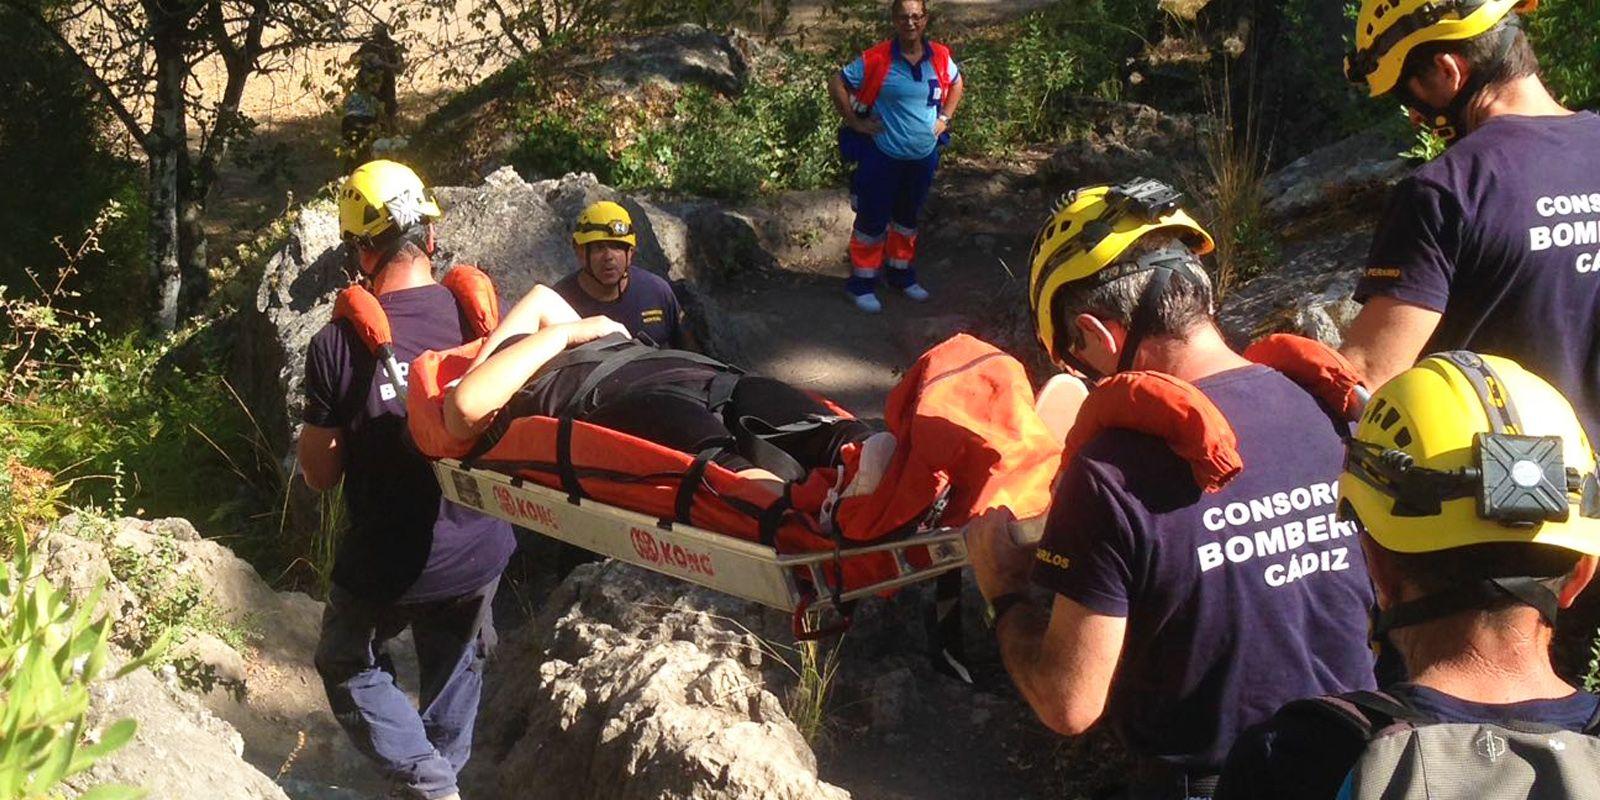 rescate-bomberos-cadiz-2